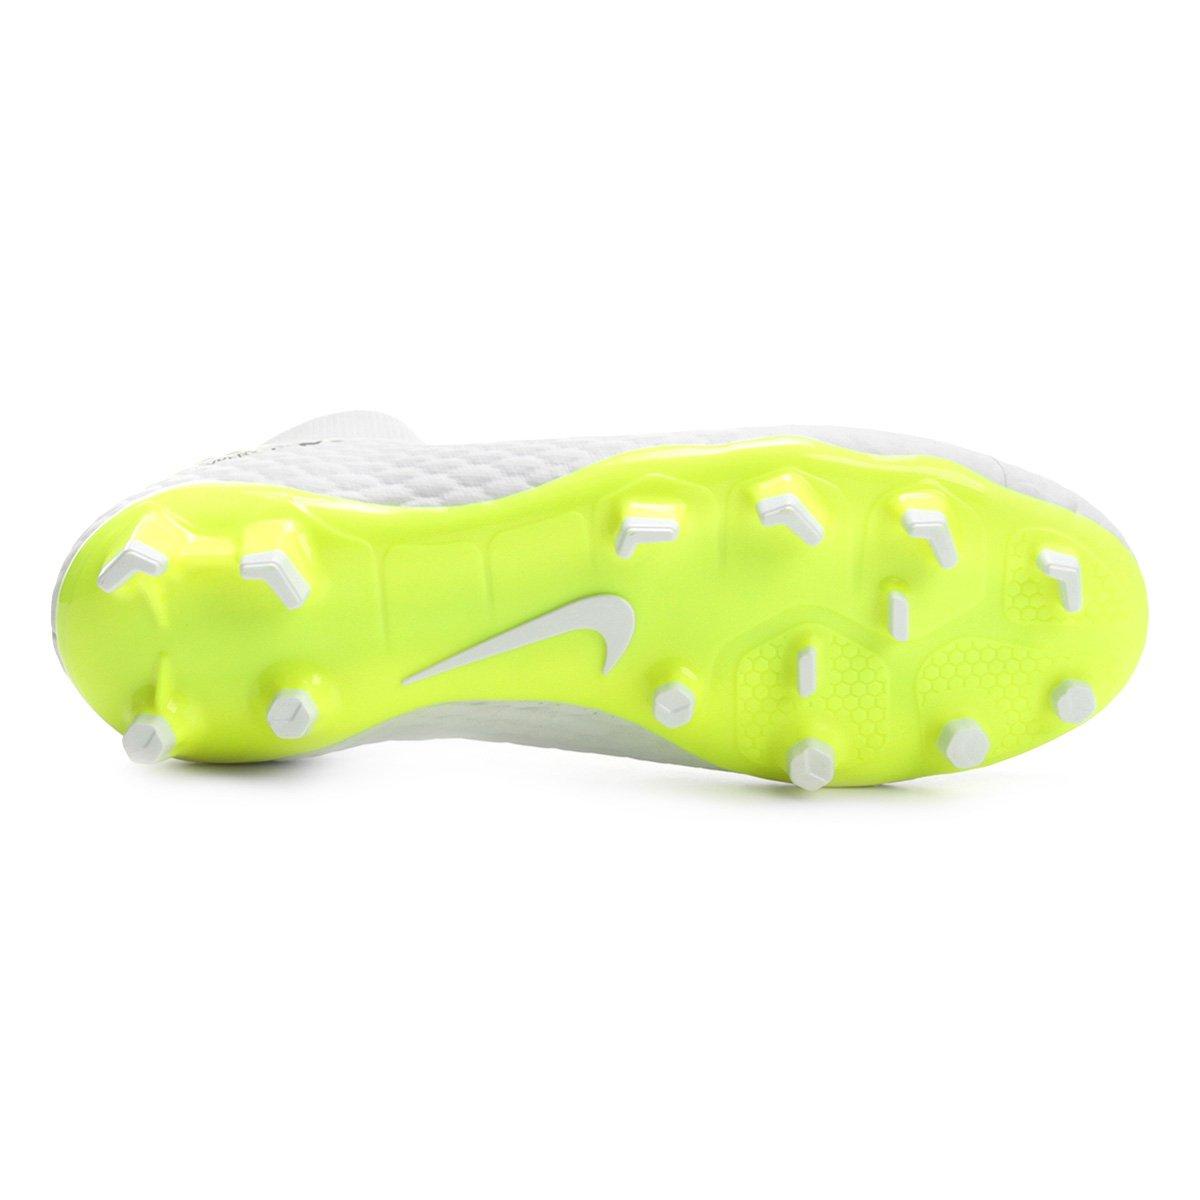 Chuteira Campo Nike Hypervenom Phantom 3 Academy DF FG - Branco e ... 085c8bd723c77